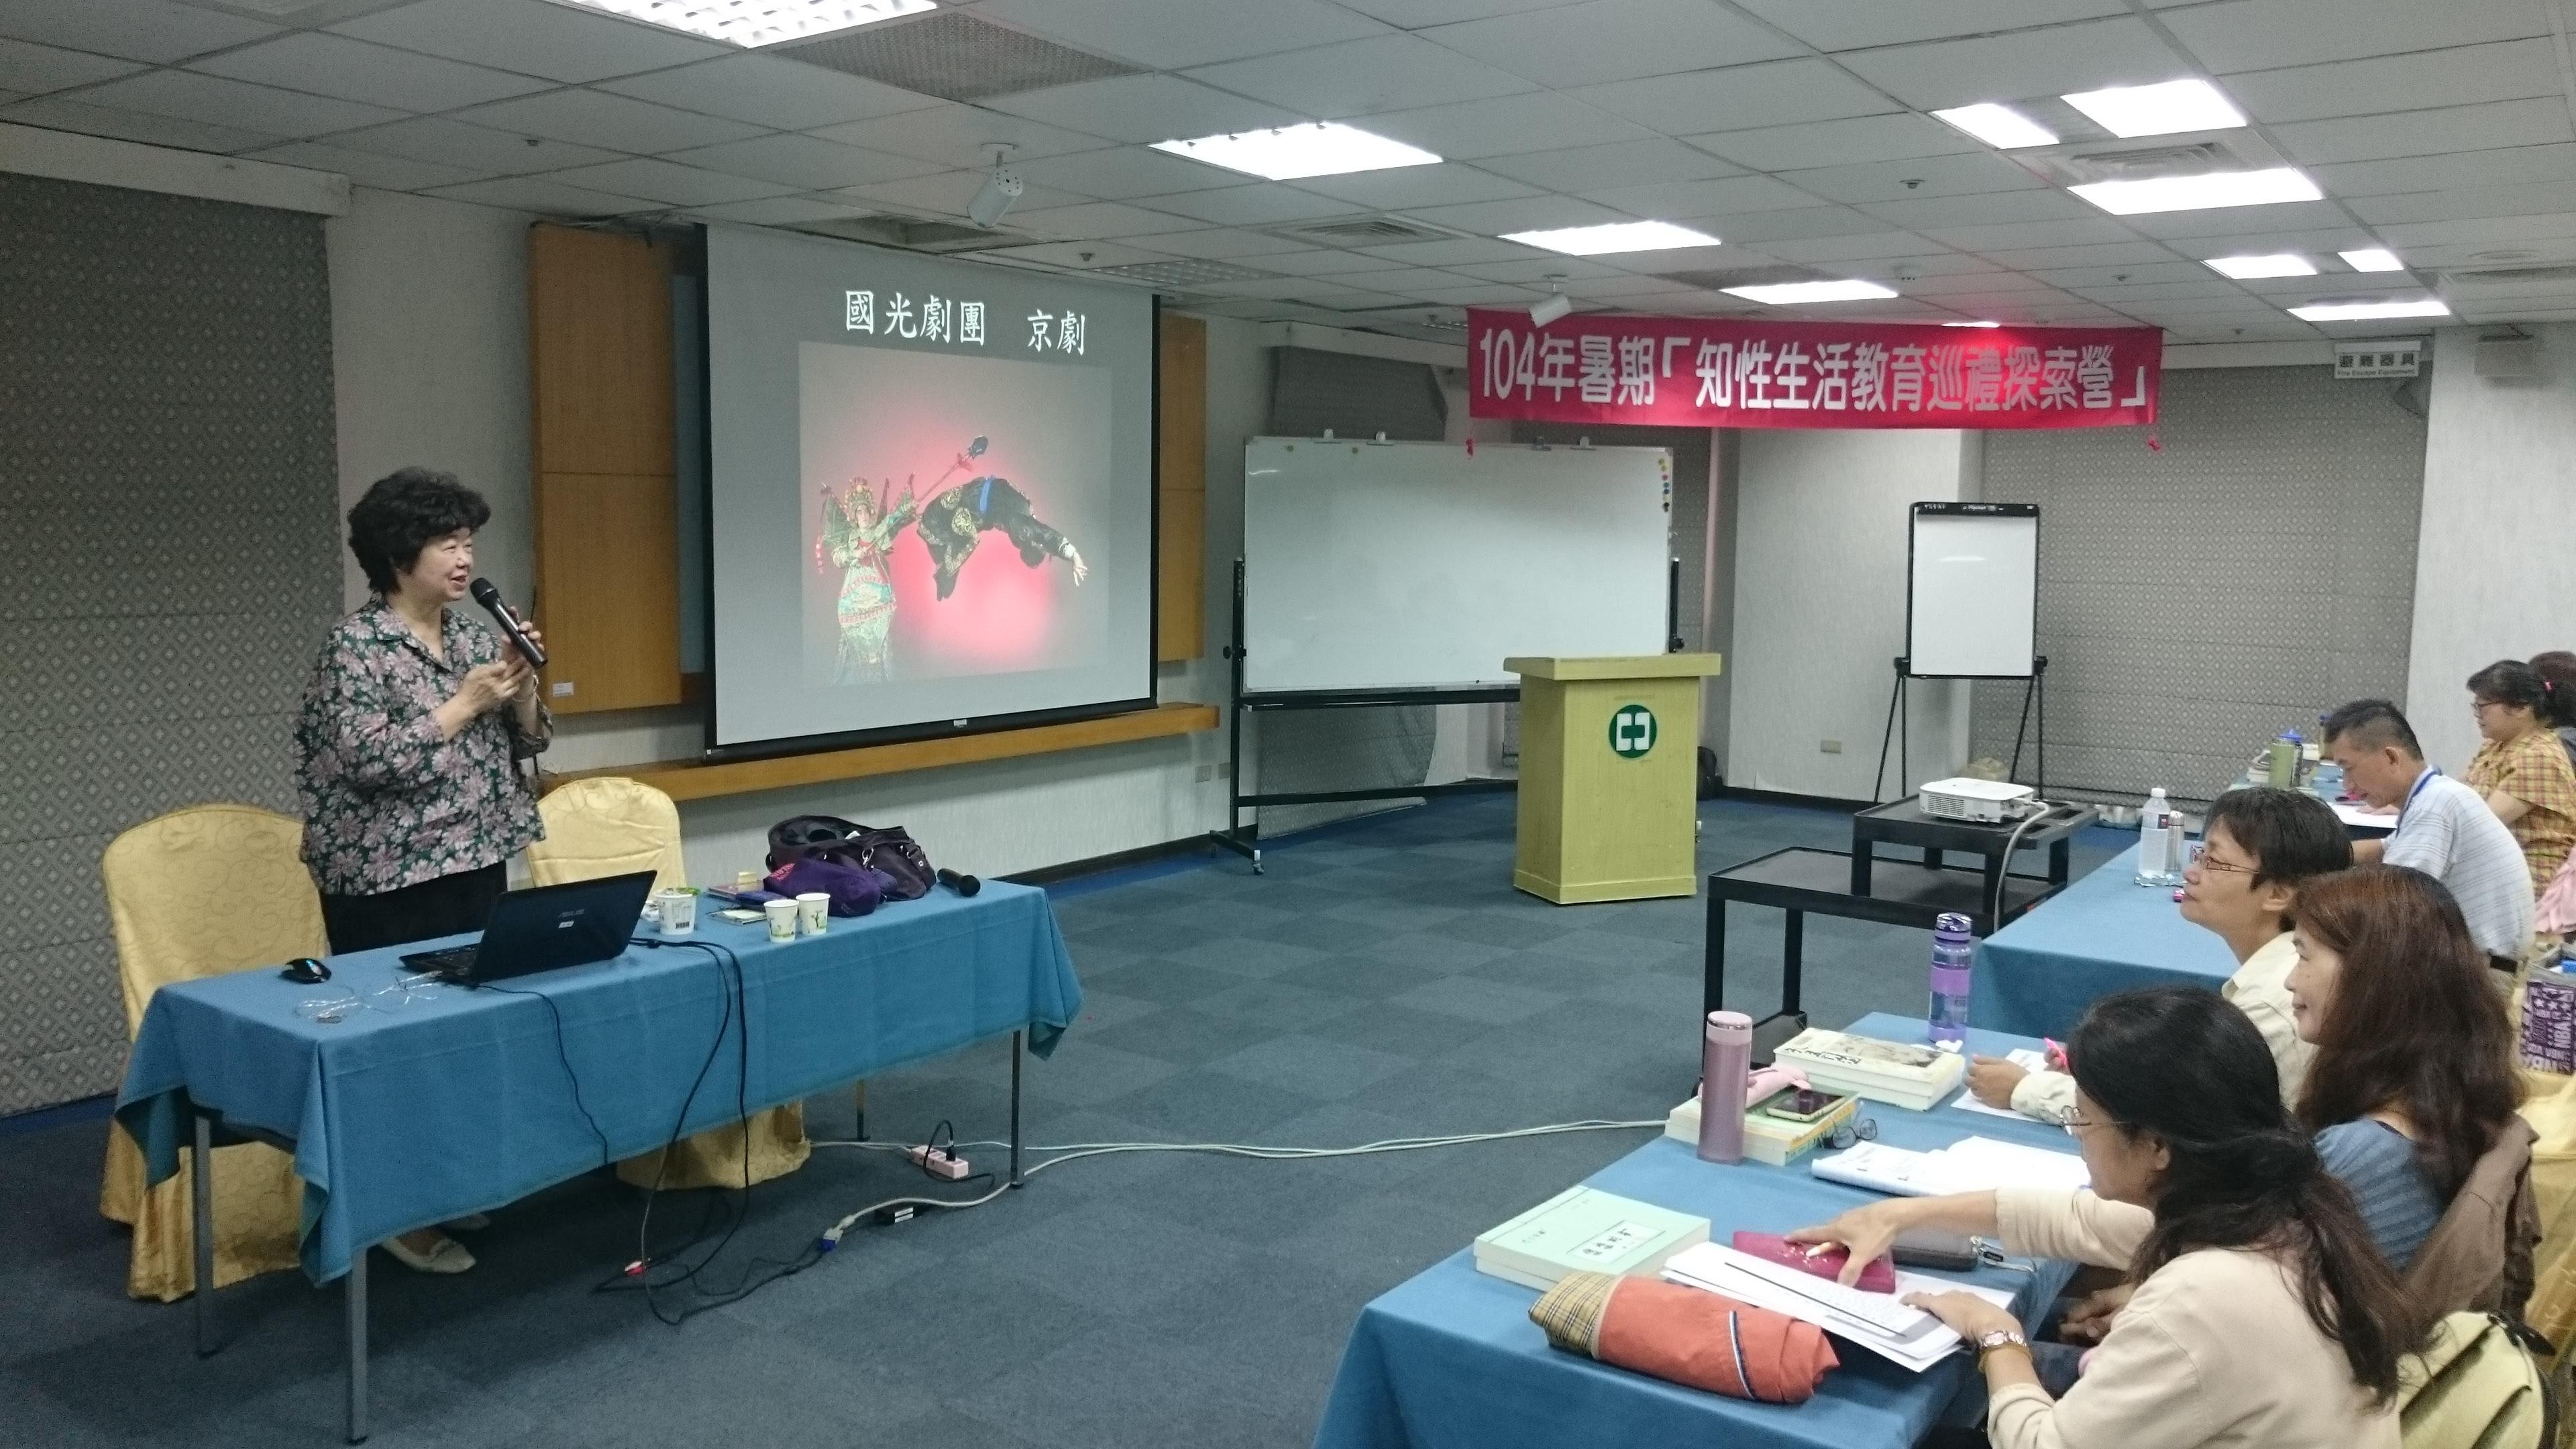 王安祈教授講授「京劇之美」